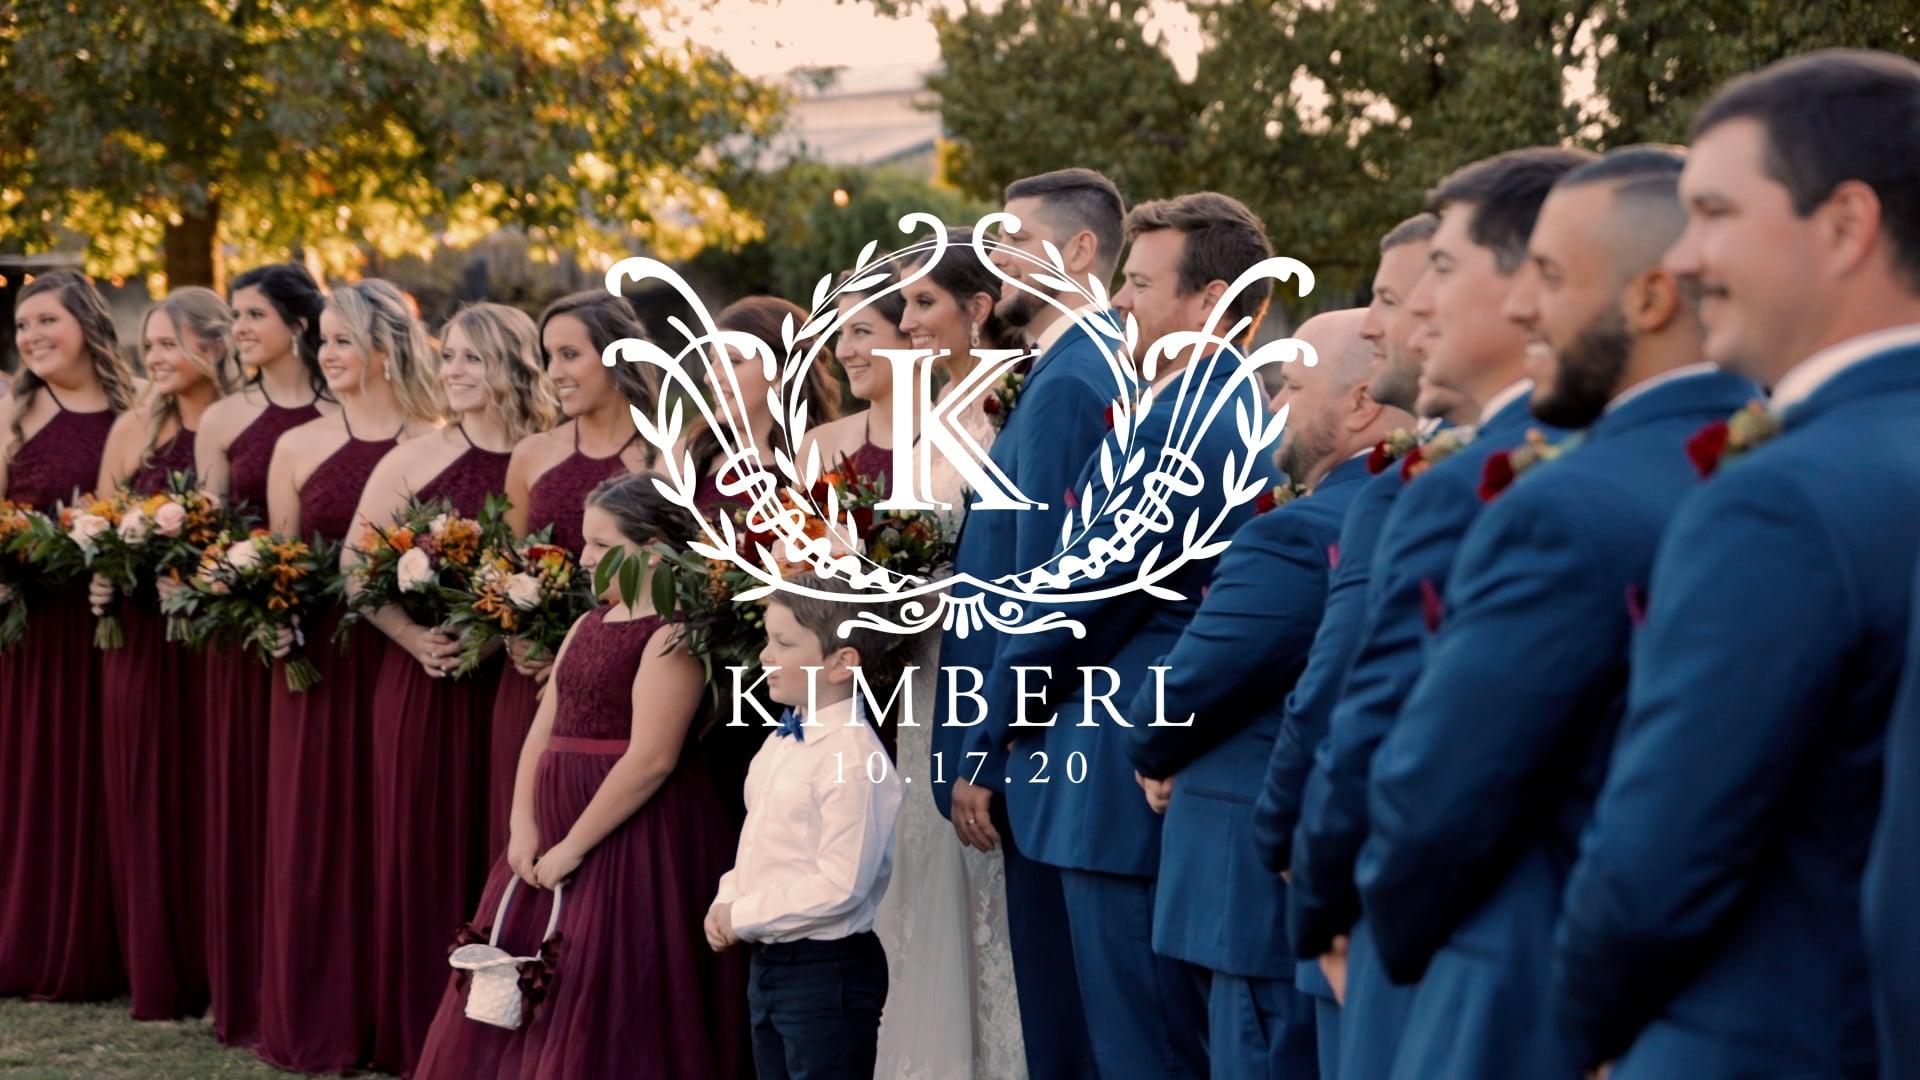 Ashley + David Kimberl Wedding Film